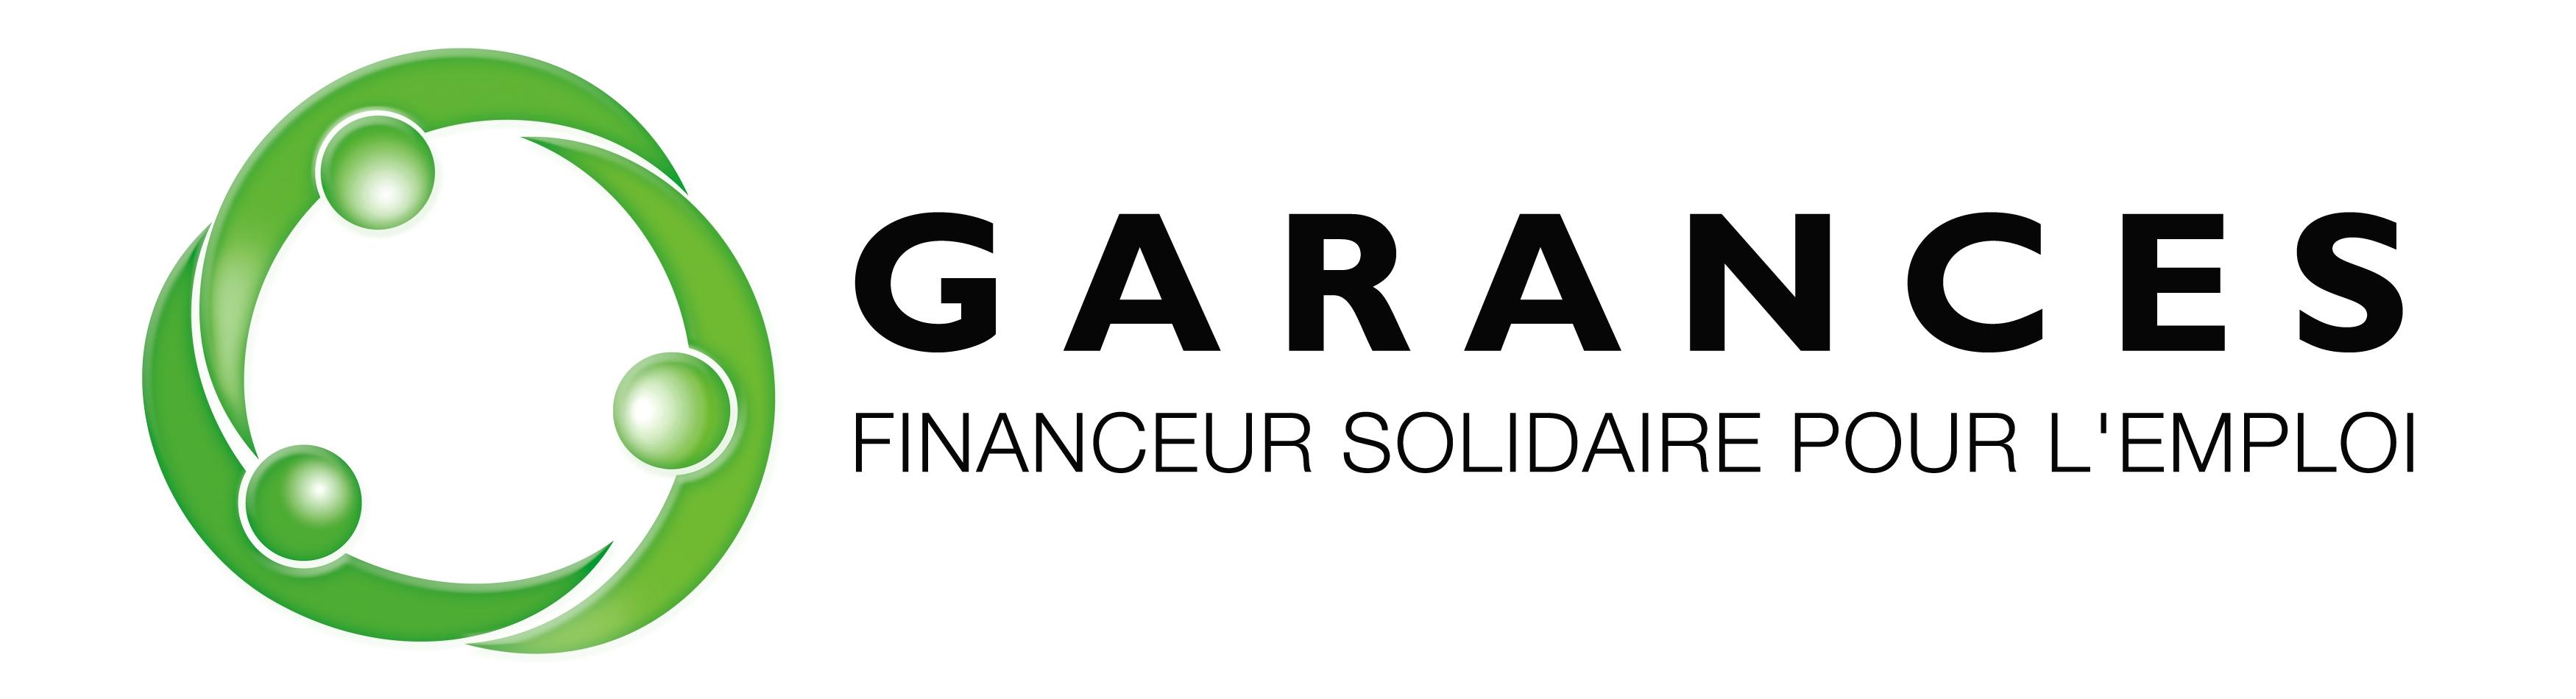 Garance93